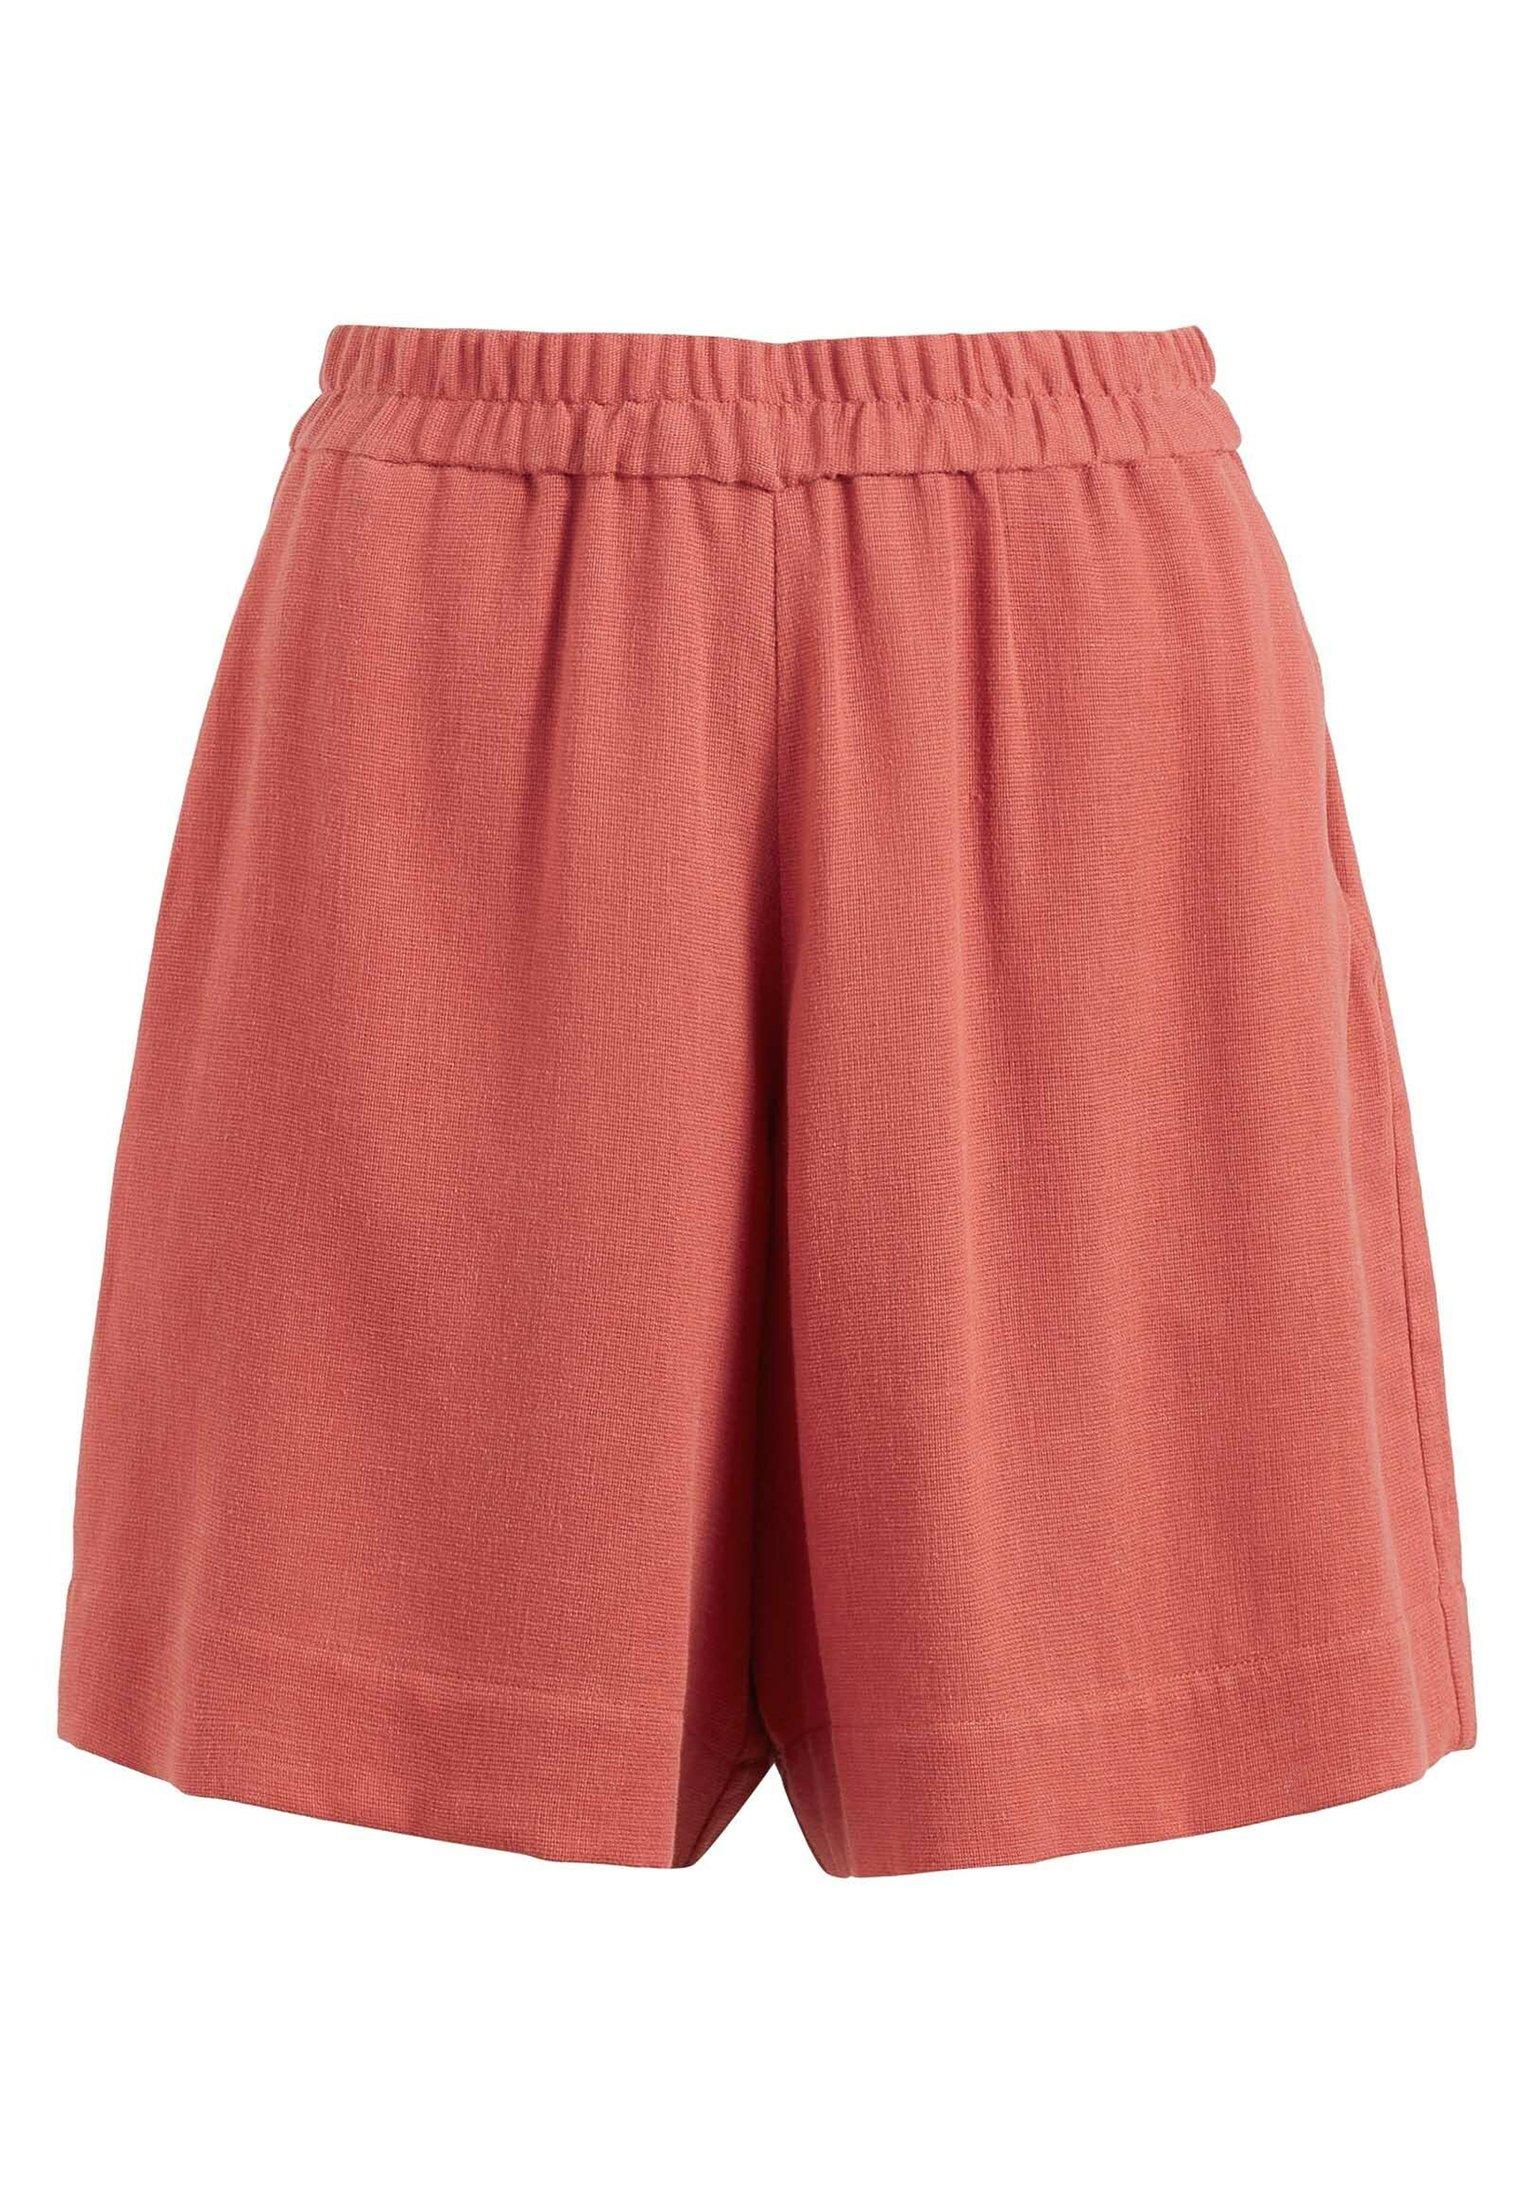 Khujo Dorina - Shorts Oliv 6x0Qh